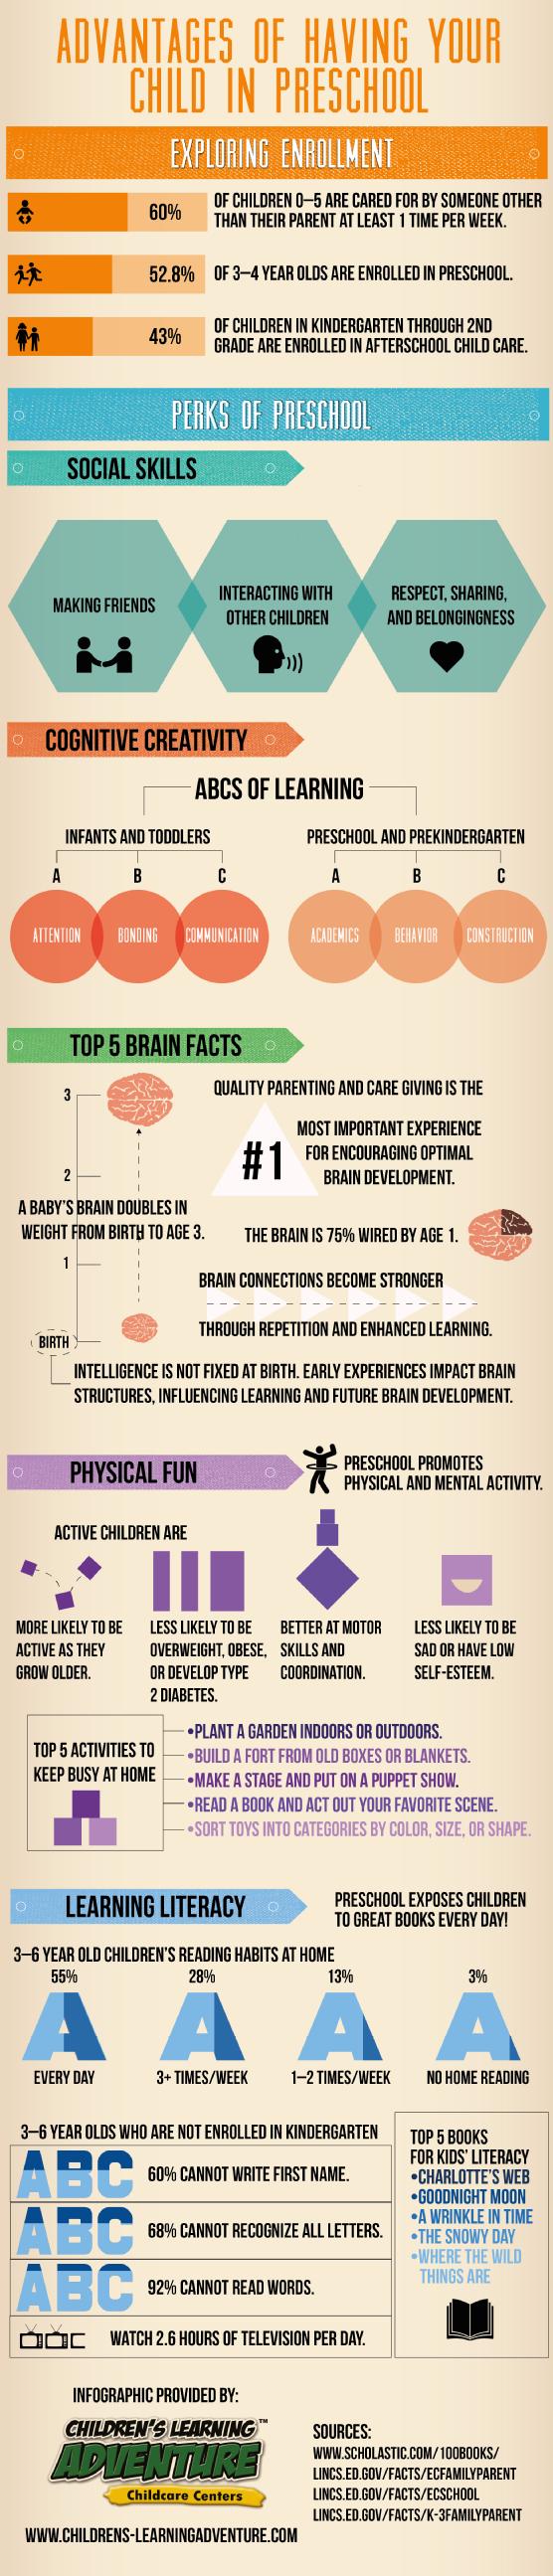 How Preschool Benefits Your Kids